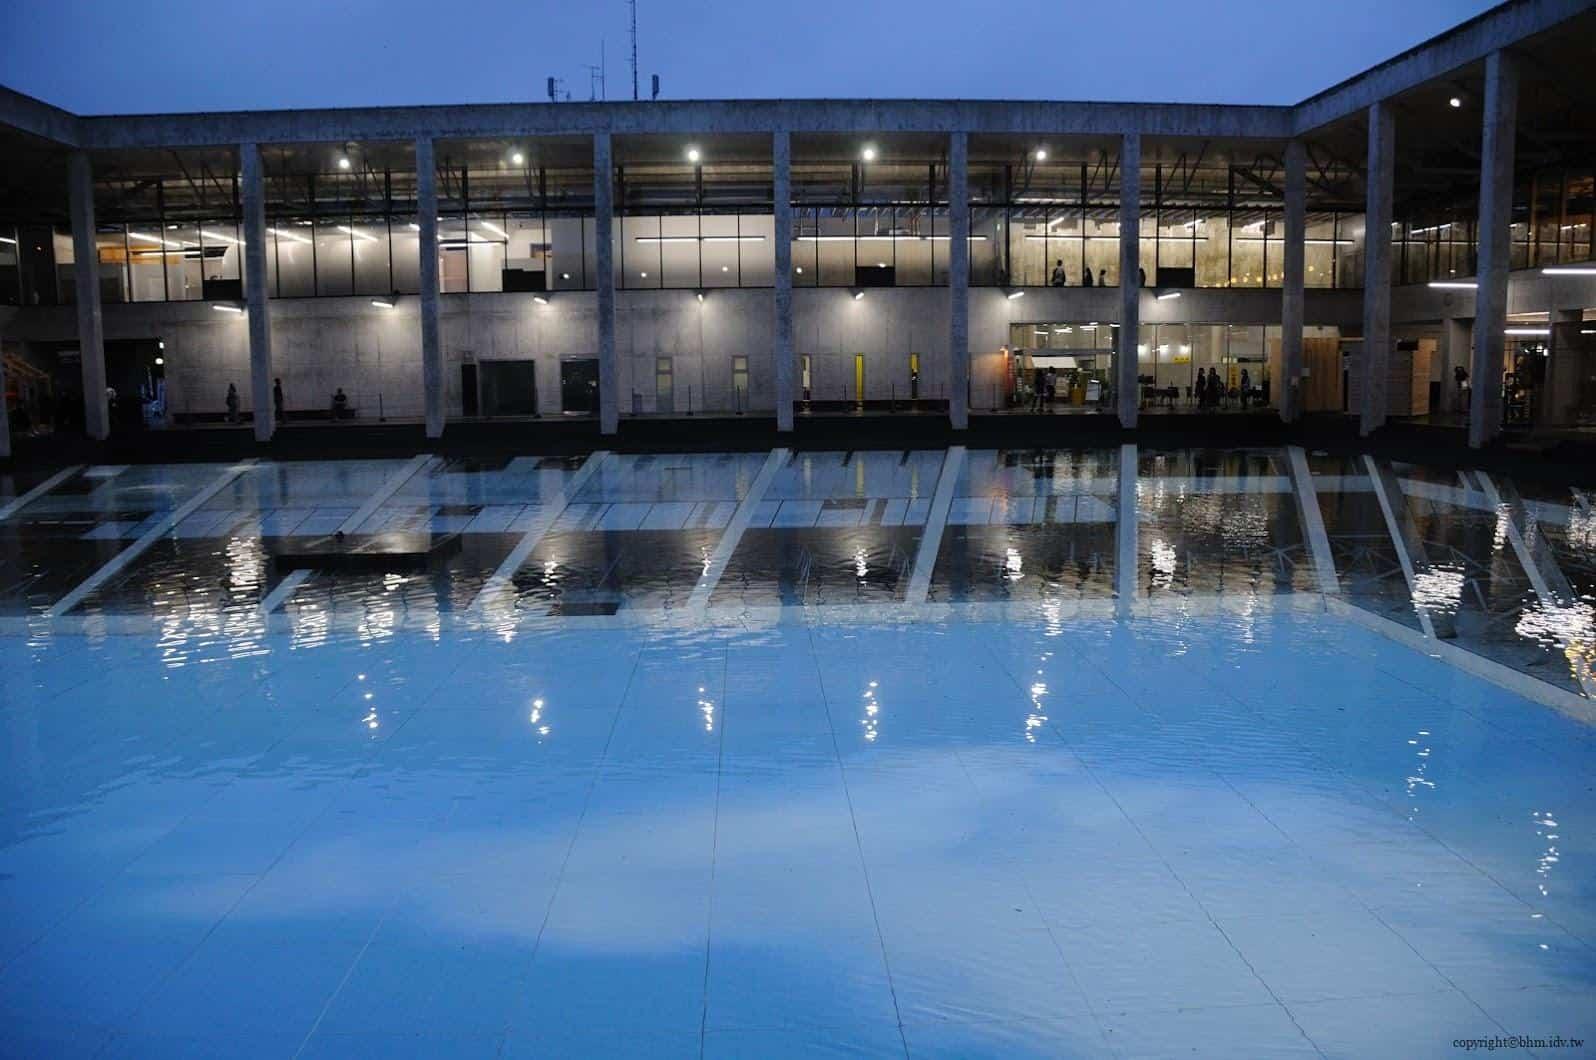 原廣司+ATELIER建築研究所,越後妻有里山現代美術館,阿根廷藝術家厄里奇,於中庭展出反射幻覺的大型情境作品。明明已經是晚上了,為何水中會反射中藍天白雲呢?讀者可以想想 藝術指標空間 藝術指標空間 echigo tsumari kouryukan echigo tsumari exchange center 12